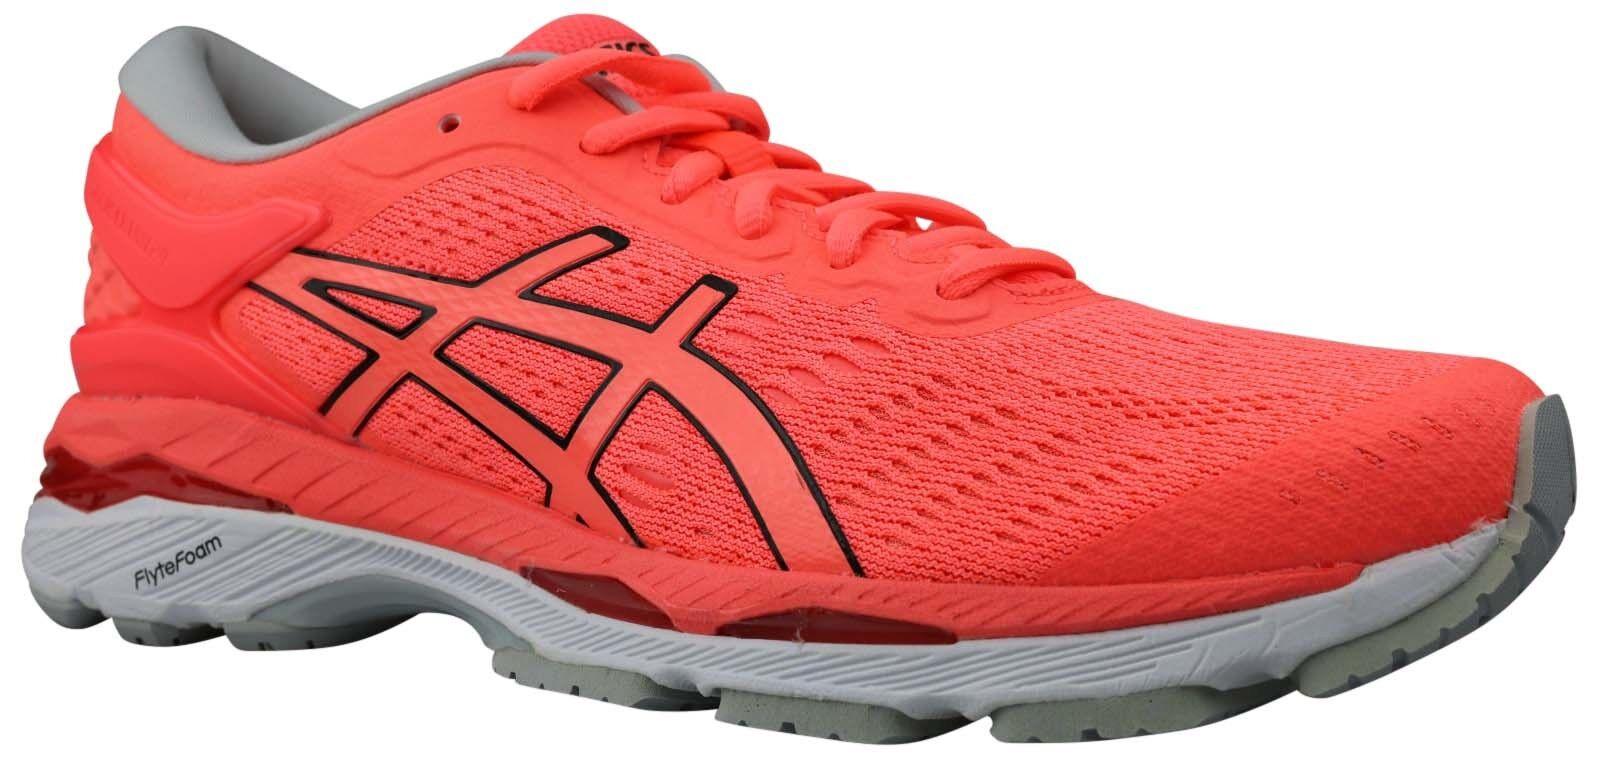 Asics Gel Kayano 24 Damen Running Laufschuhe Schuhe T799N-0690 Gr. 36 - 39 NEU